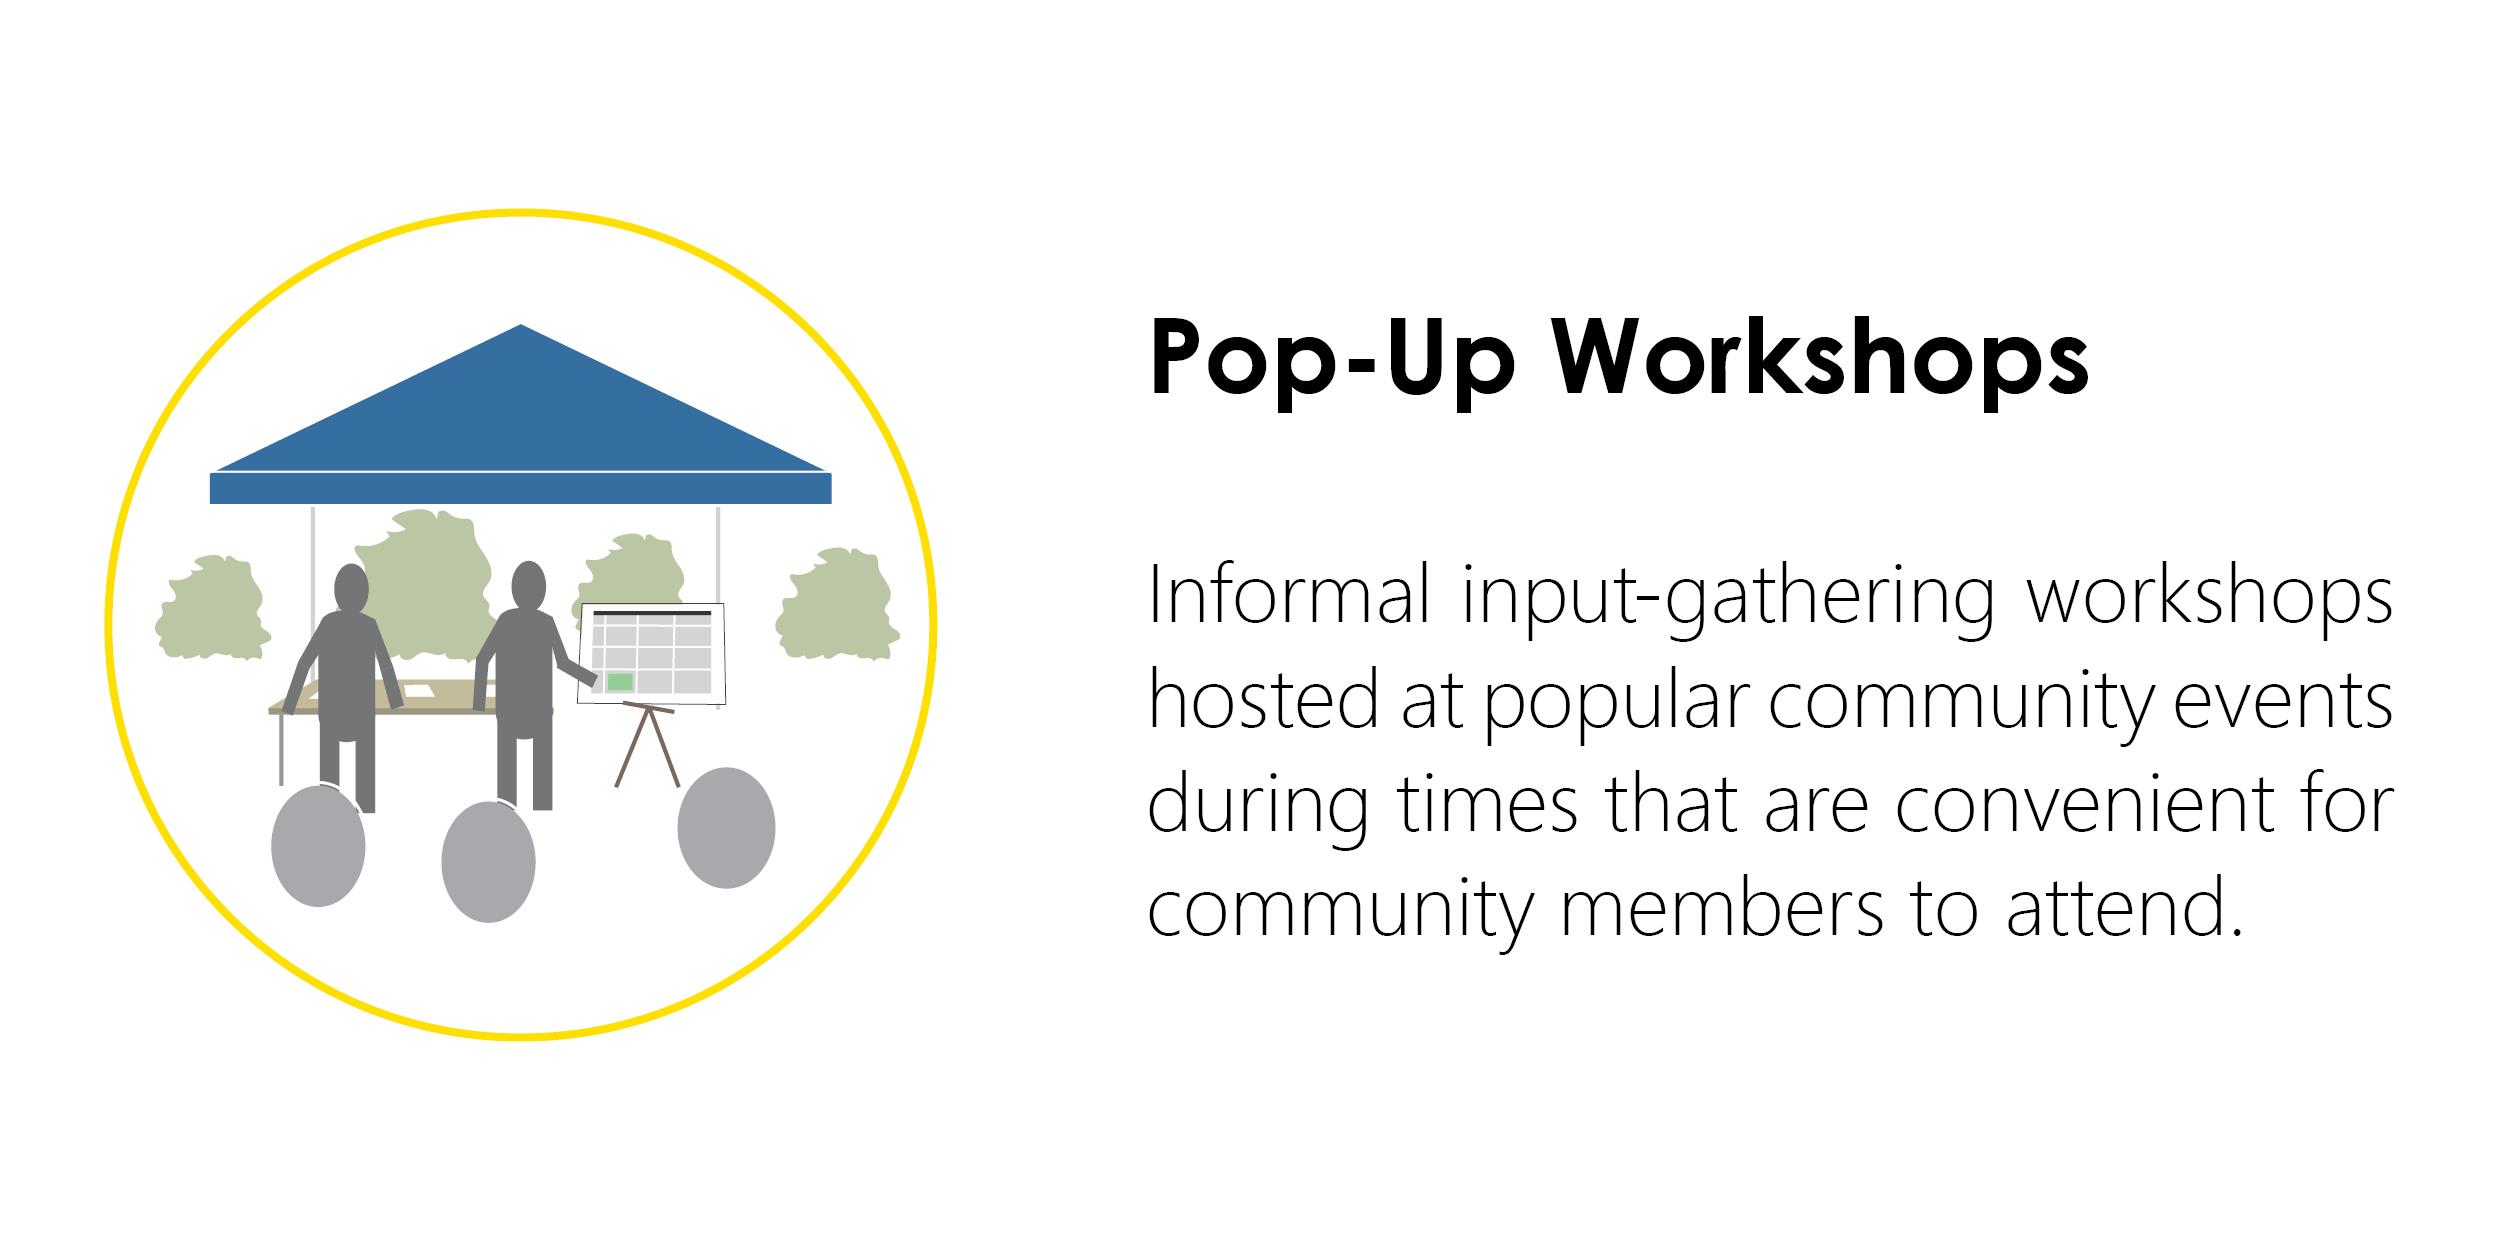 Logo and description of Pop-Up Workshops.